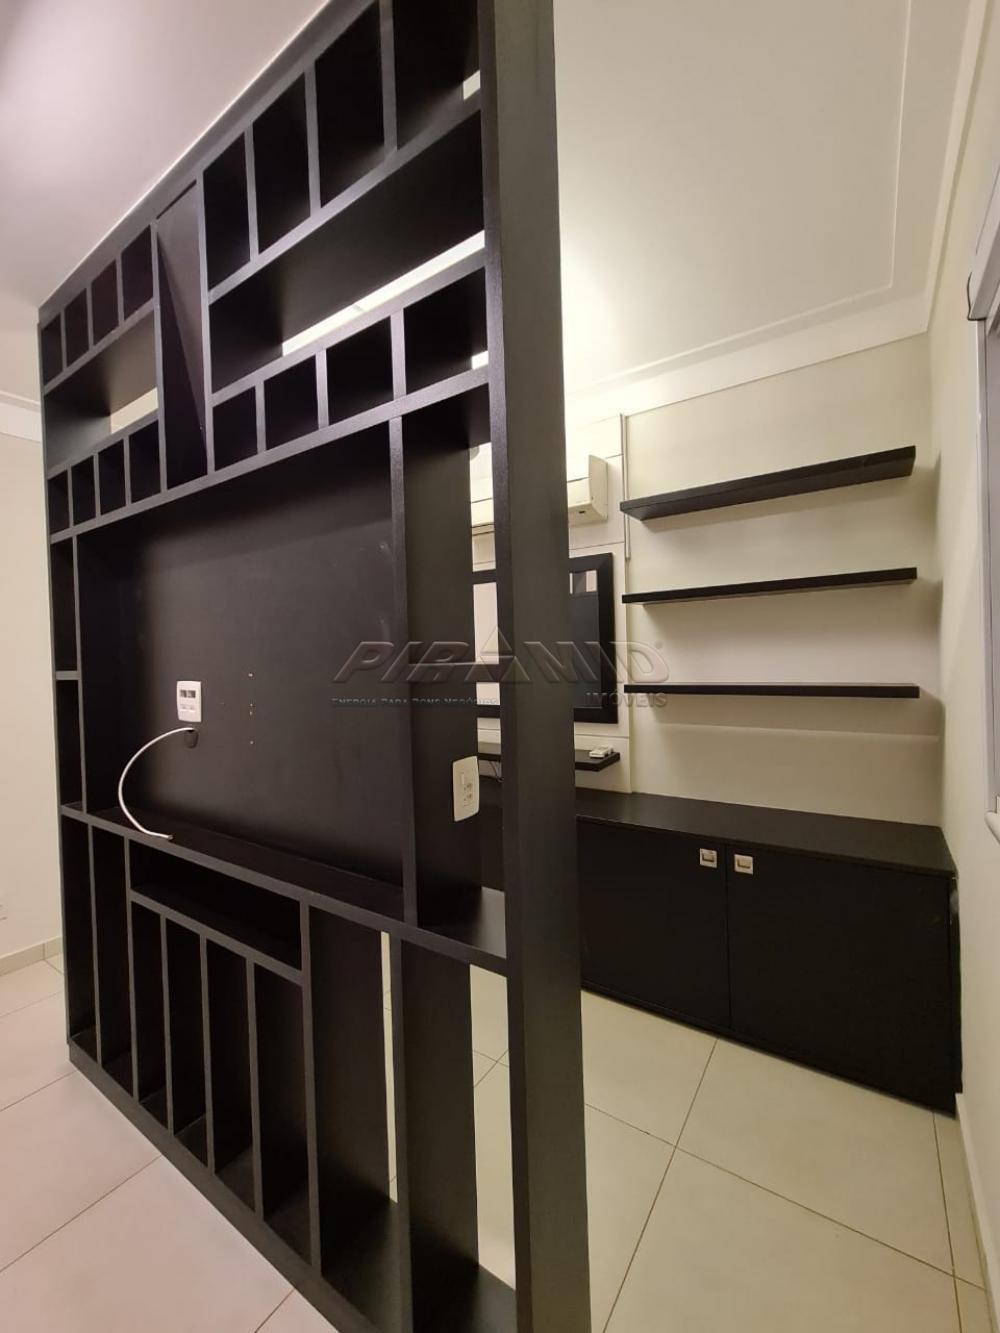 Alugar Apartamento / Padrão em Ribeirão Preto R$ 8.000,00 - Foto 24